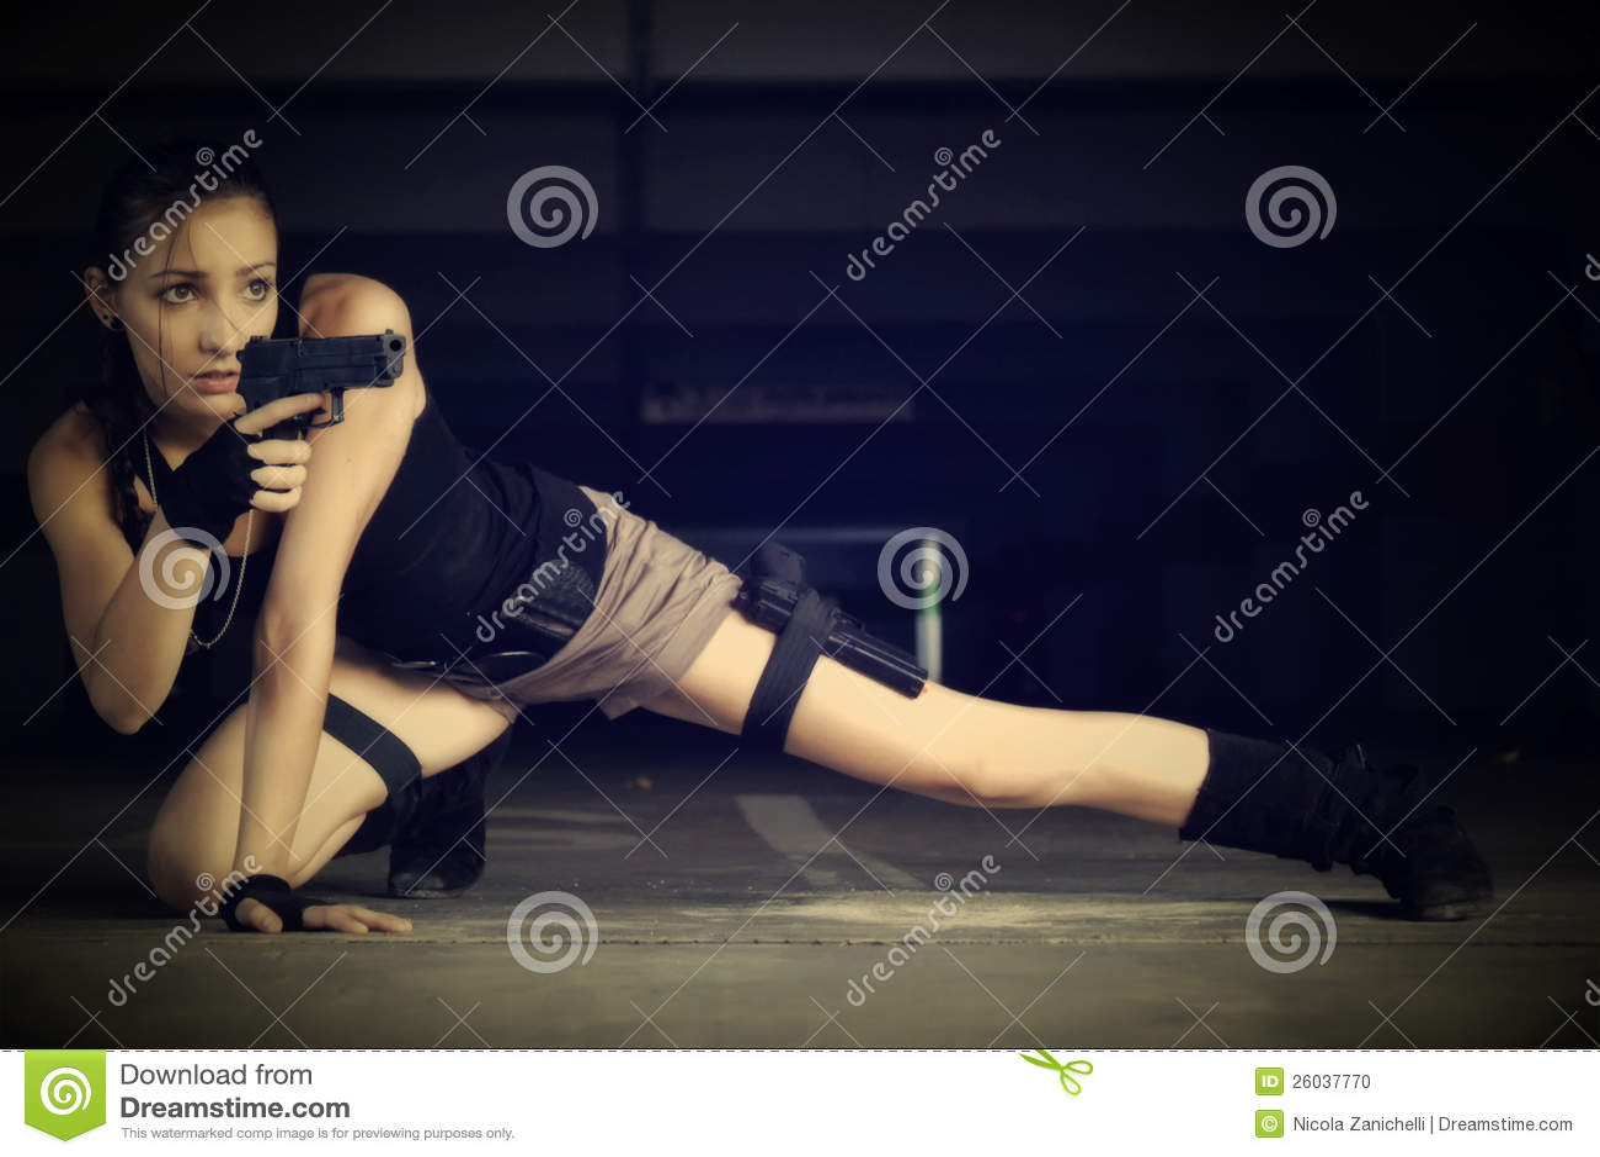 Asaltante entrenado para la lucha cuerpo a cuerpo Cosplay de la tumba